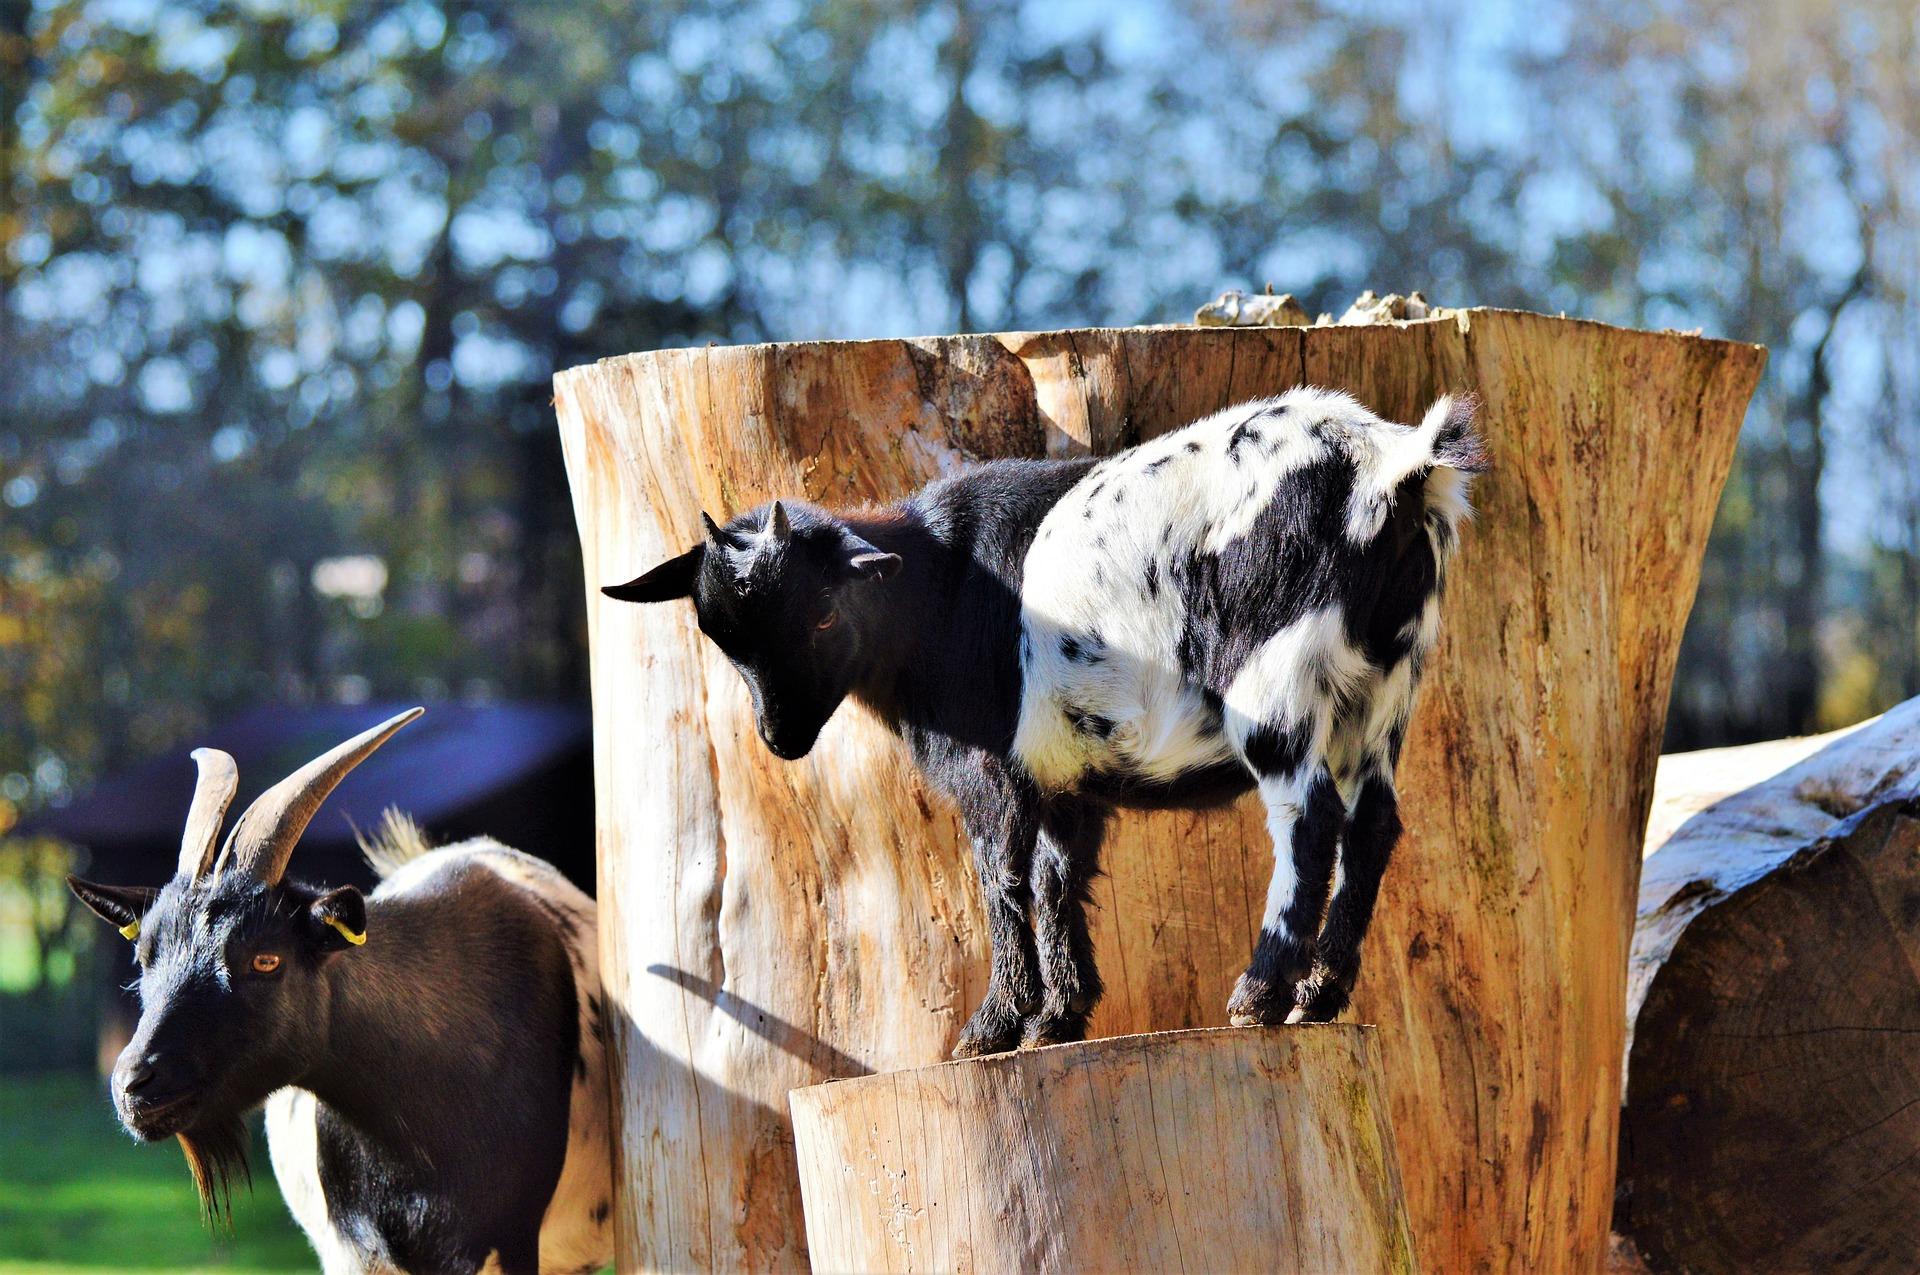 goat-3023732_1920.jpg